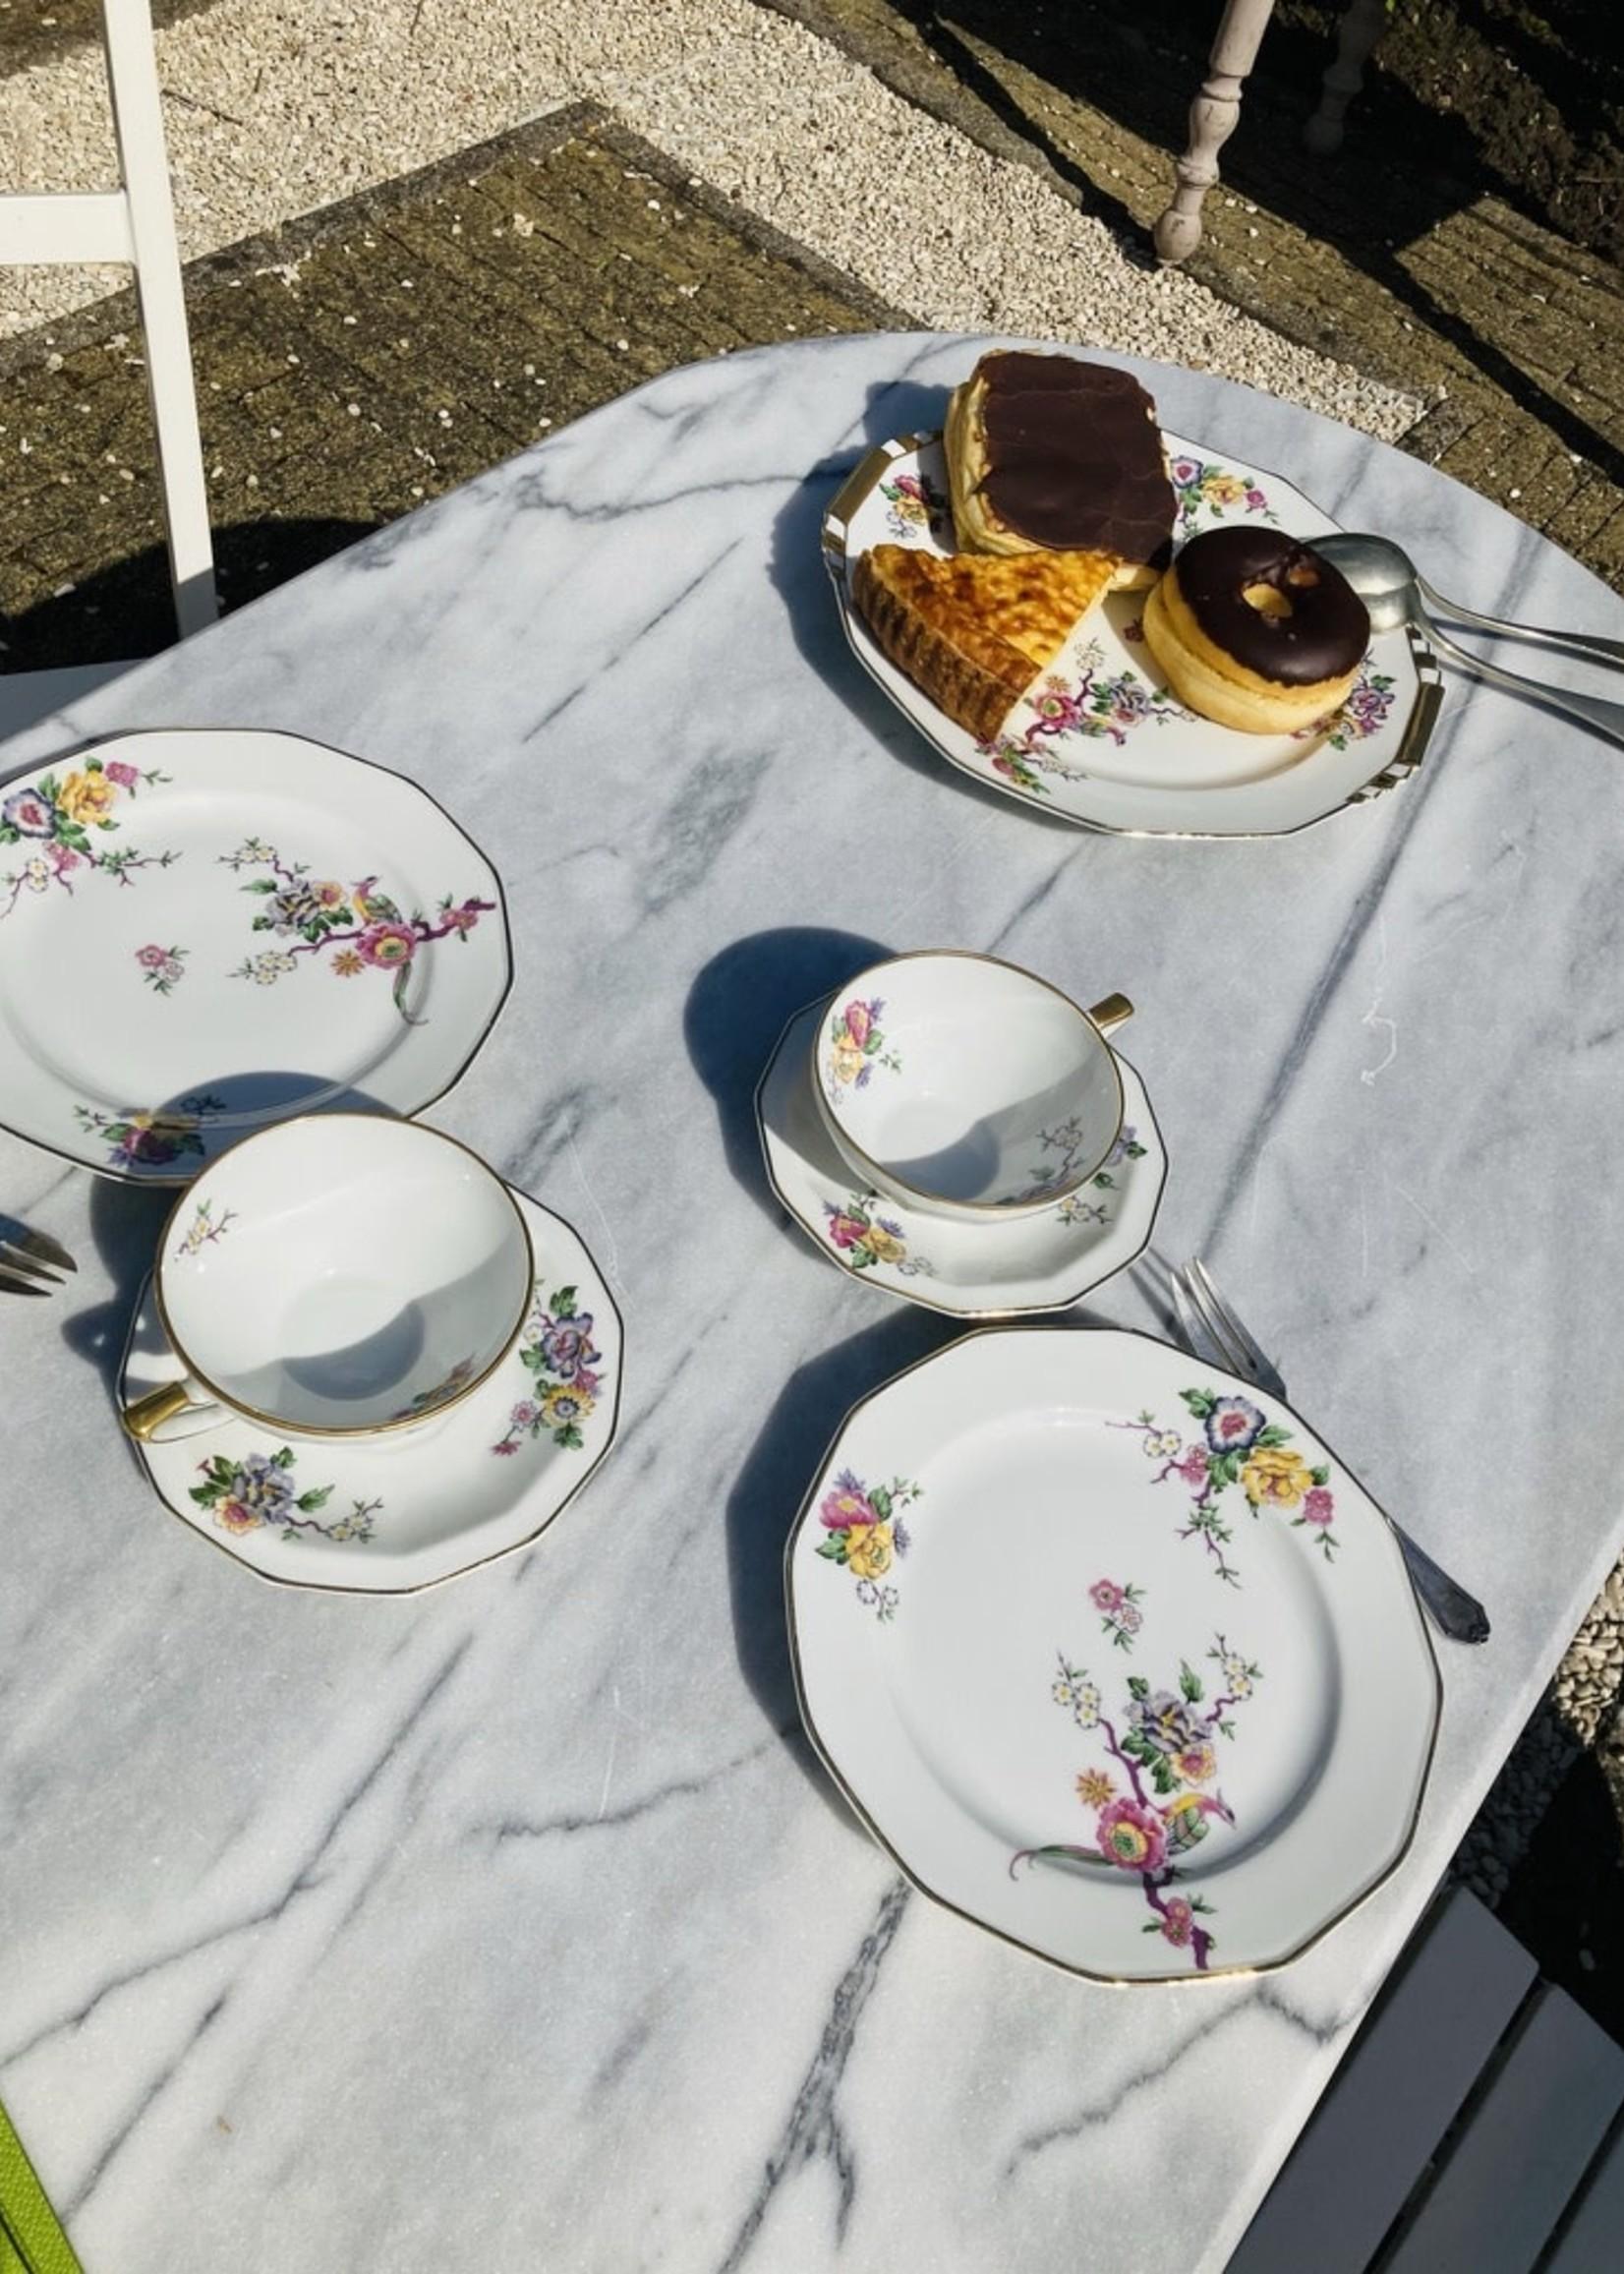 Cerabel Small plates or Dessert plates from Cerabel Gand